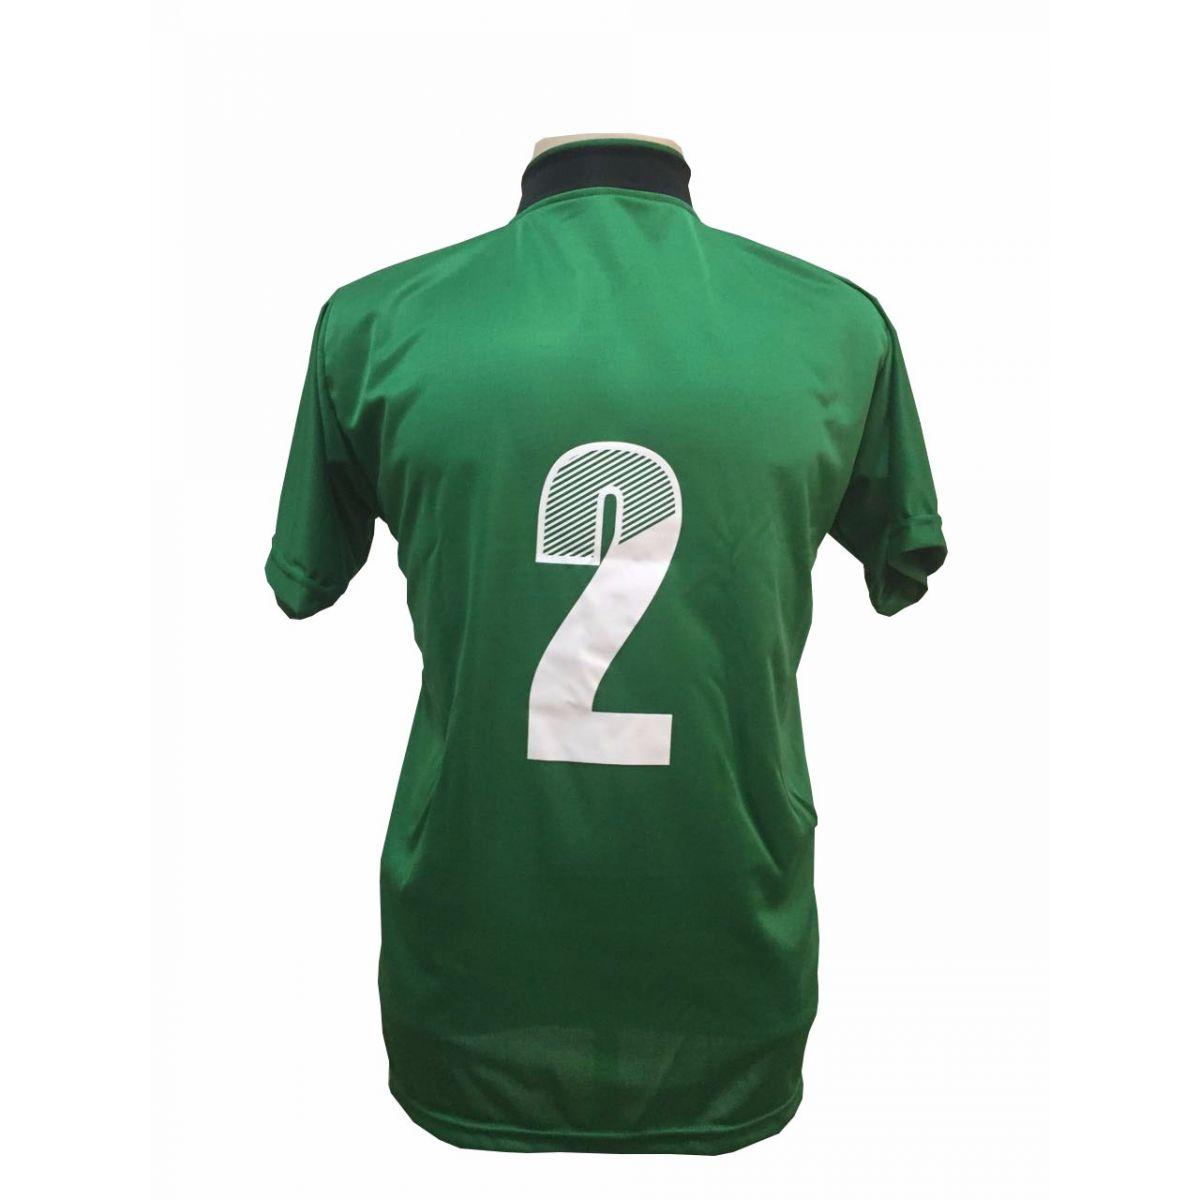 Uniforme Esportivo com 14 camisas modelo Palermo Verde/Preto + 14 calções modelo Madrid Verde + 14 pares de meiões Verde